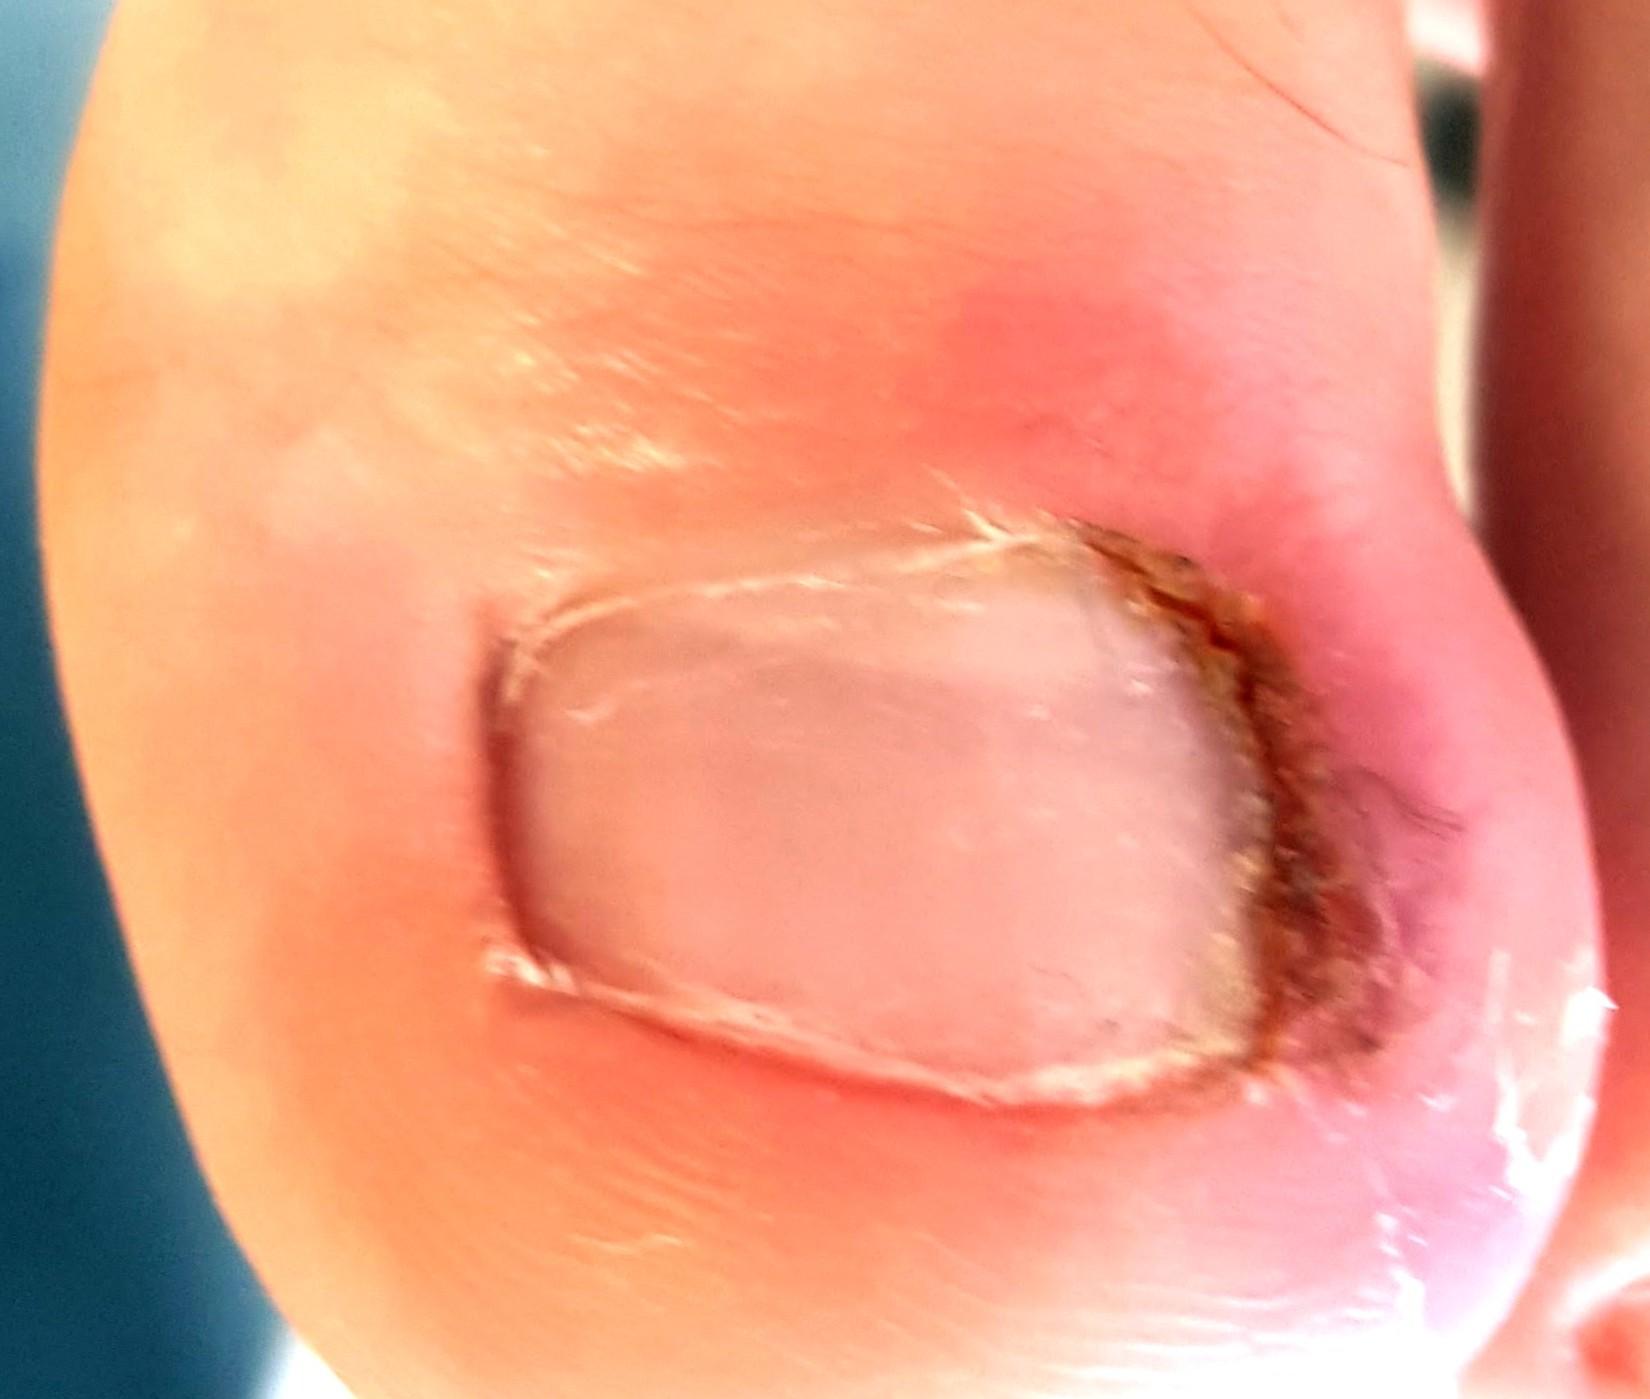 Ногти врезаются в кожу на ногах